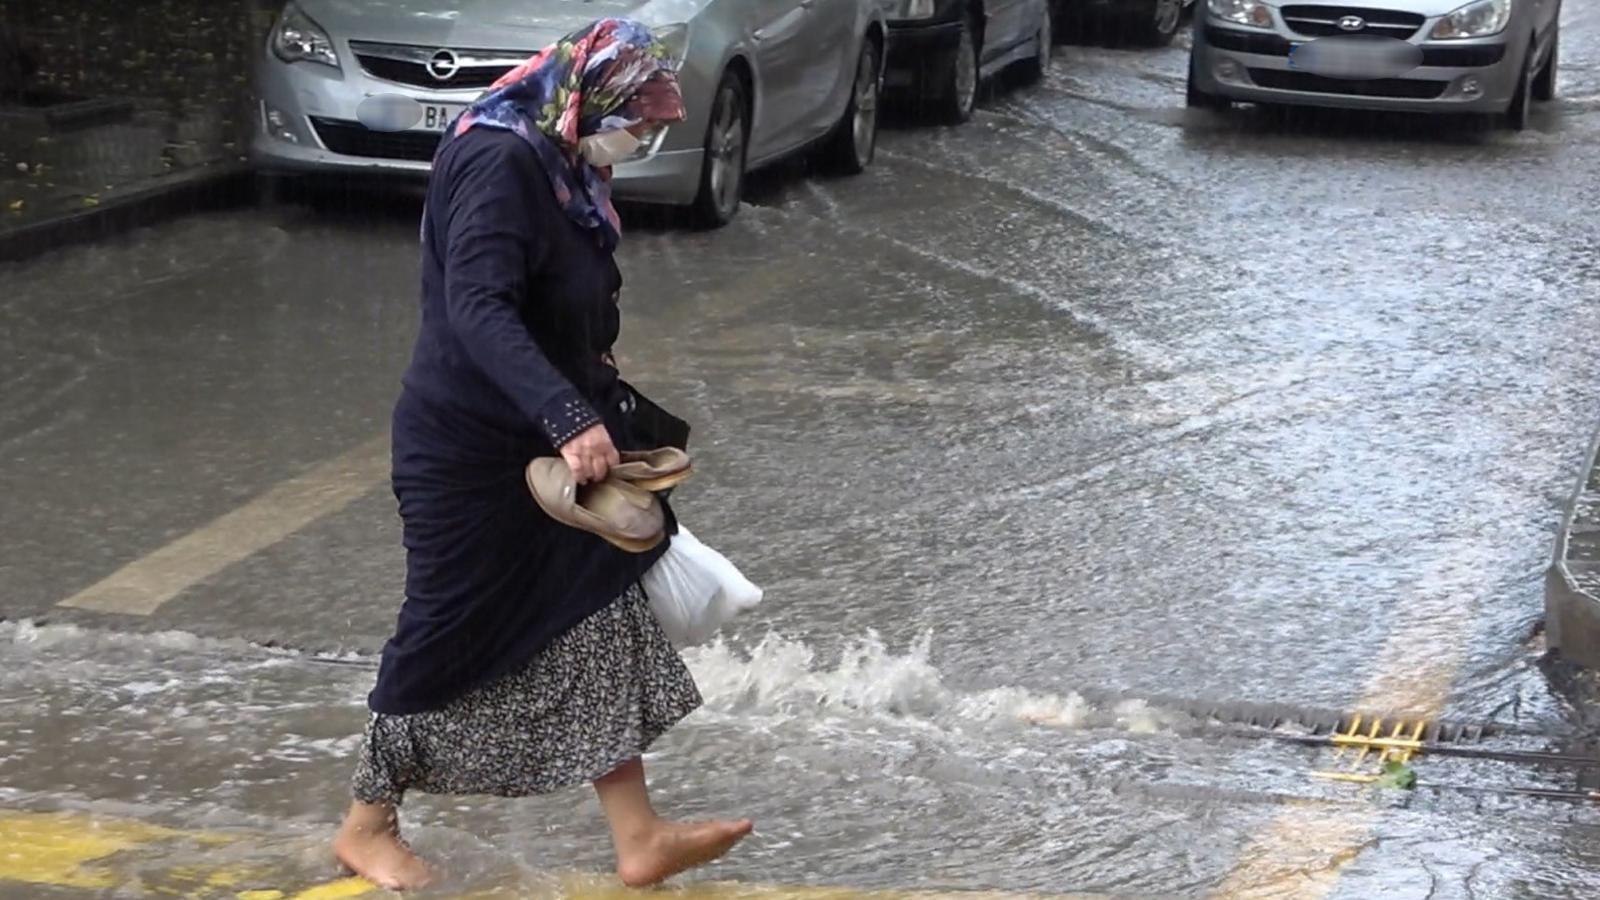 Çok sayıda ilde yağış bekleniyor! Meteteoroloji'den sel uyarısı geldi...